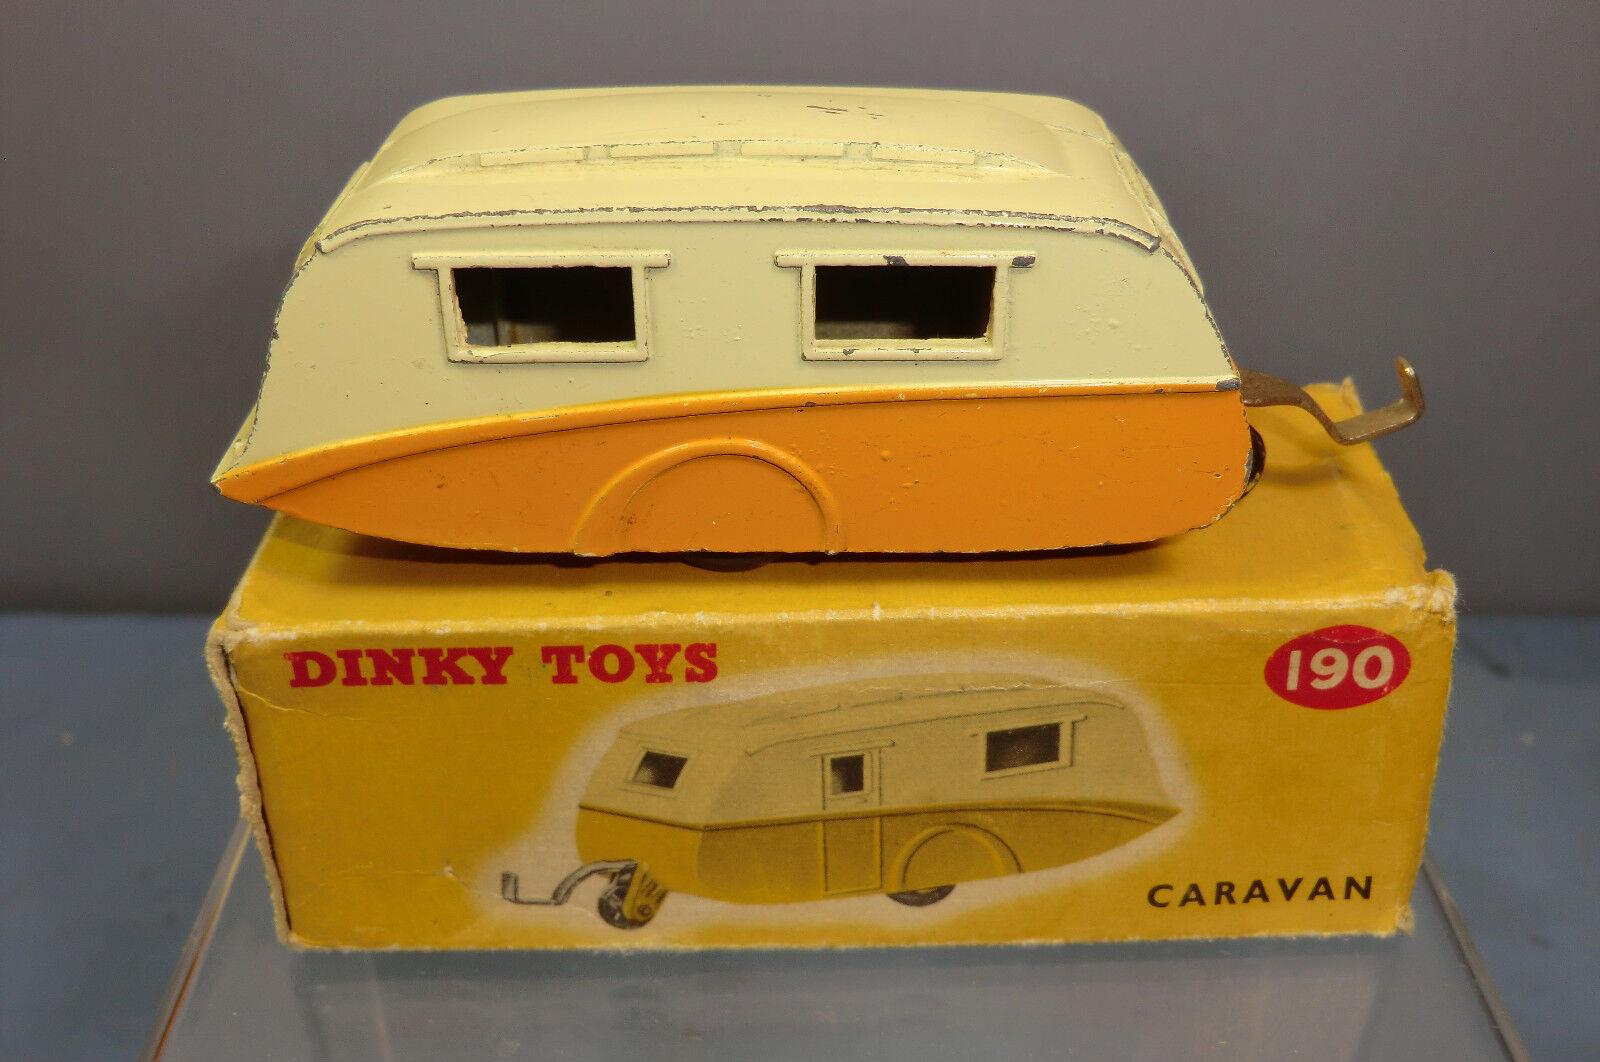 Schäbiges spielzeug modell no.190 stream-line caravan  Orange version  vn mib